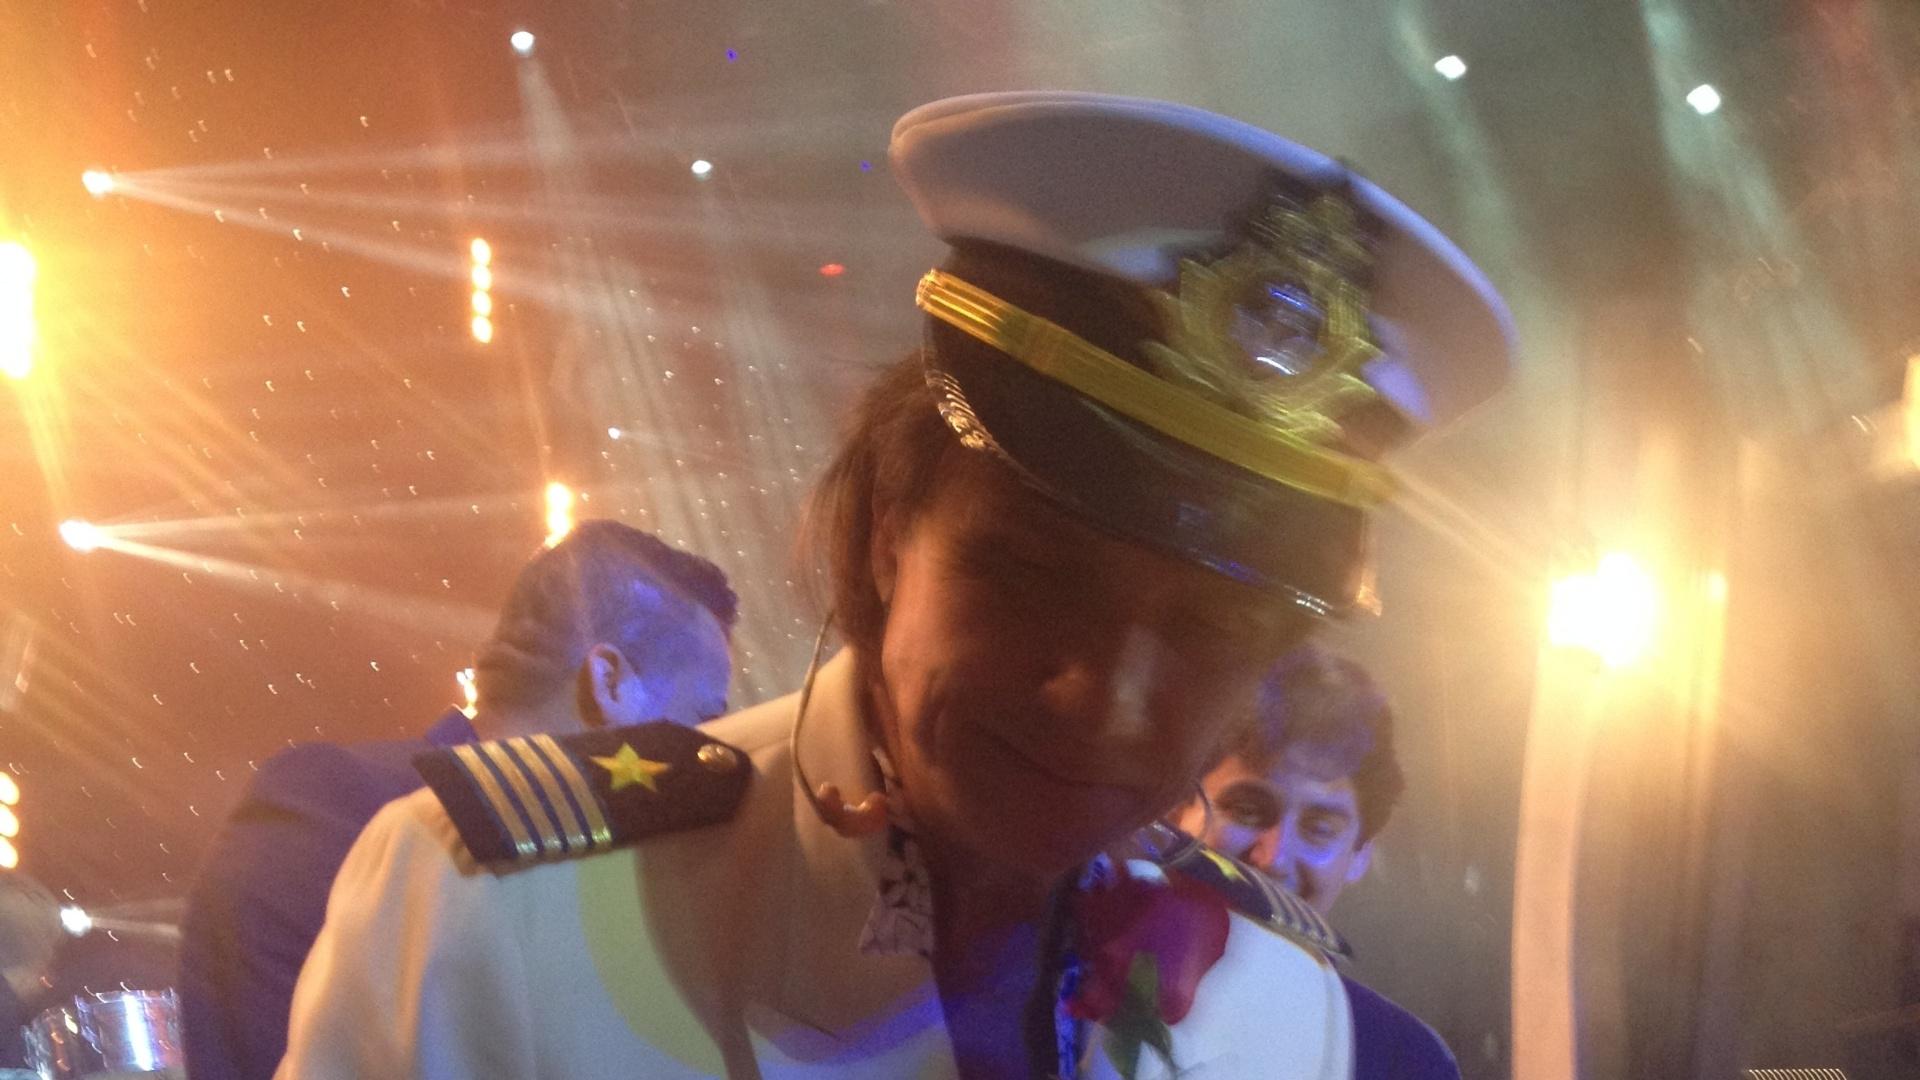 04.fev.2015 - O cantor Roberto Carlos distribui rosas vermelhas para fãs, um dos momentos mais esperados de seus shows